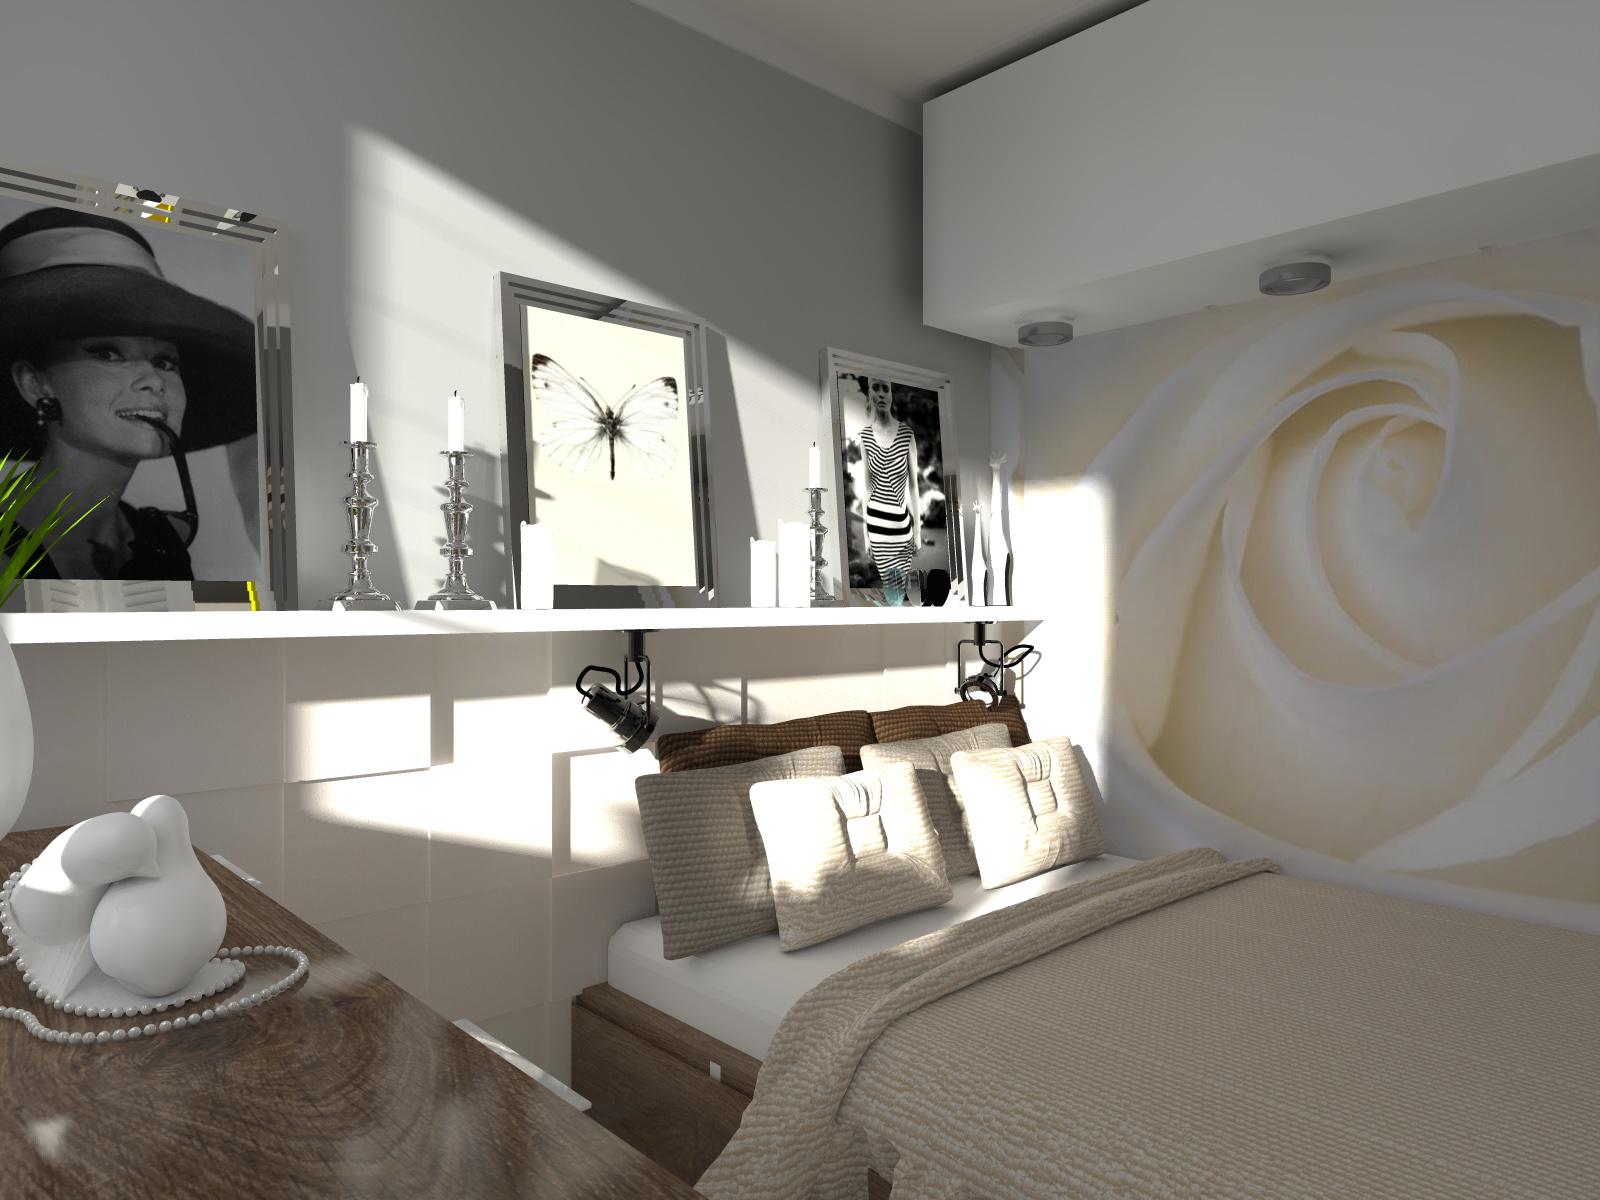 Sypialnia W Kawalerce Projekt Wnętrza Kadoka Architekci